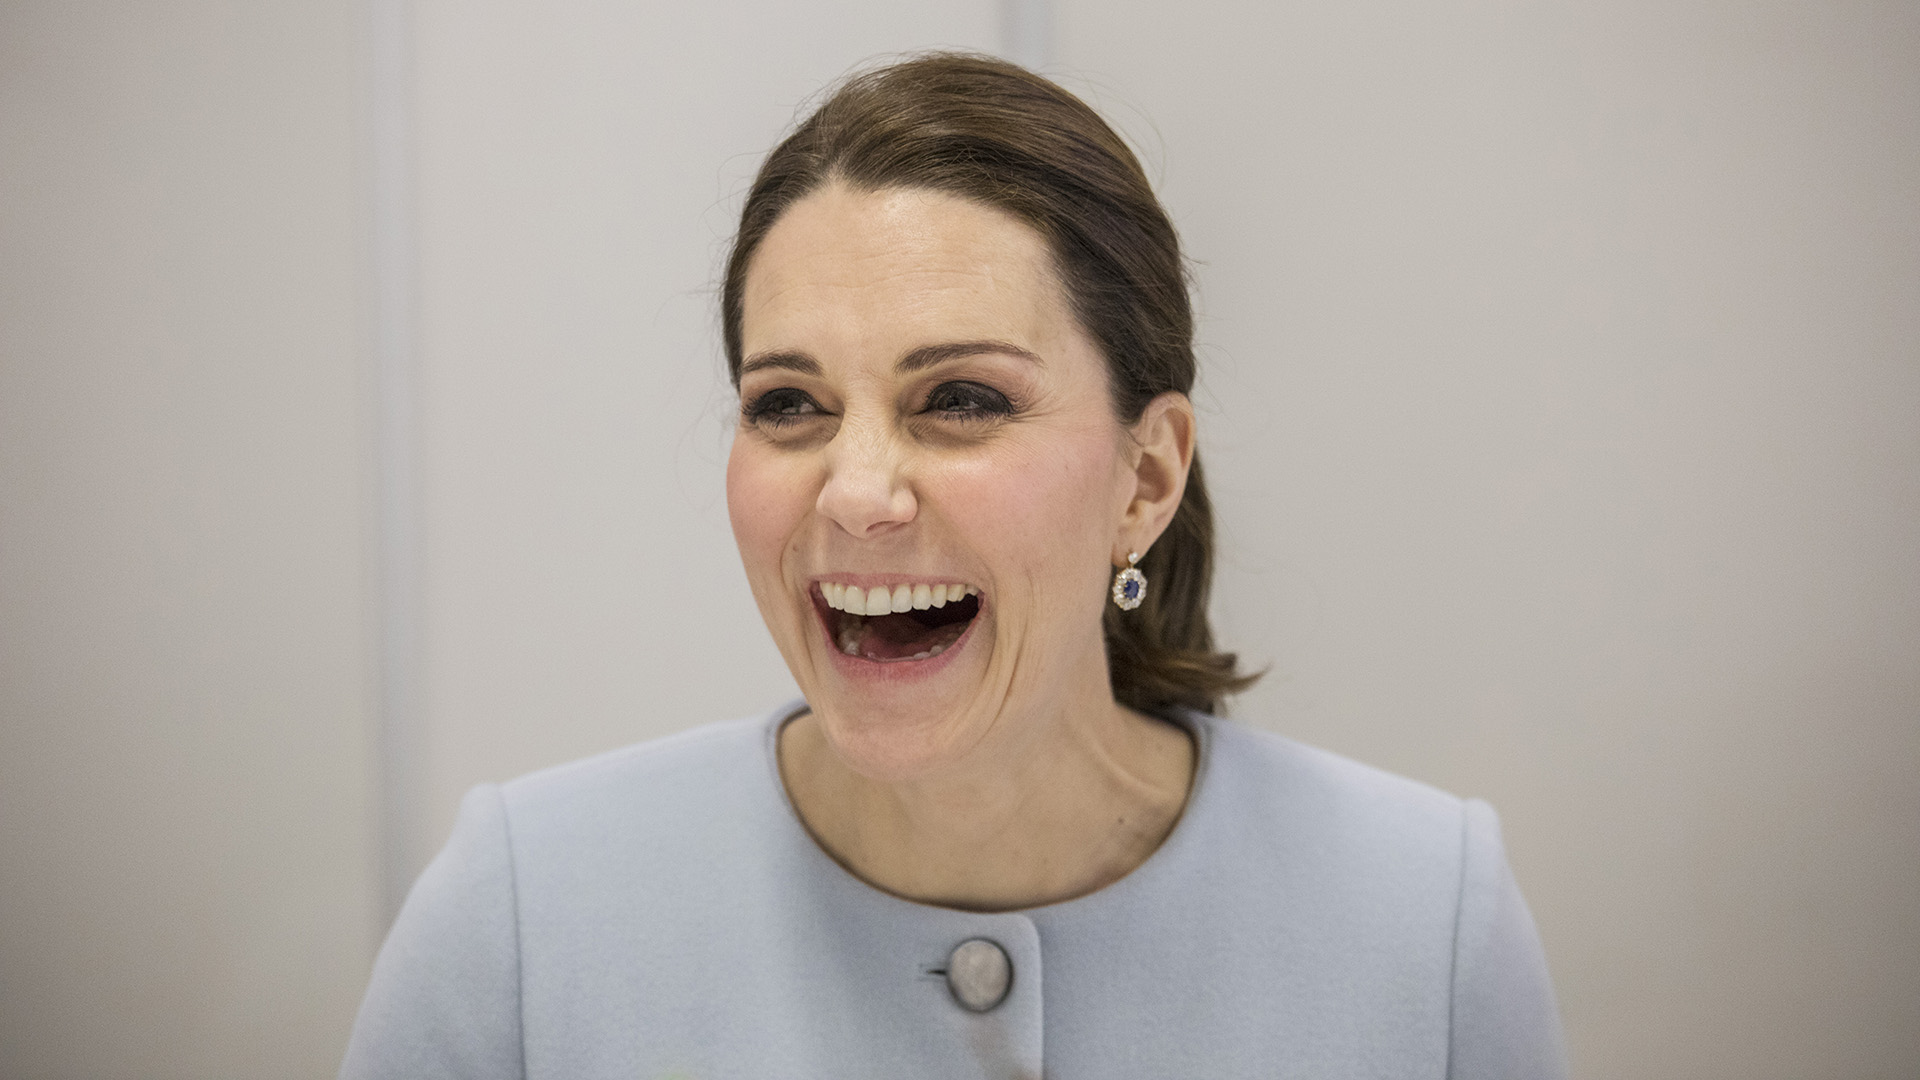 Fruto de su matrimonio con Guillermo de Inglaterra, Catalina ya es madre de los príncipes George y Charlotte